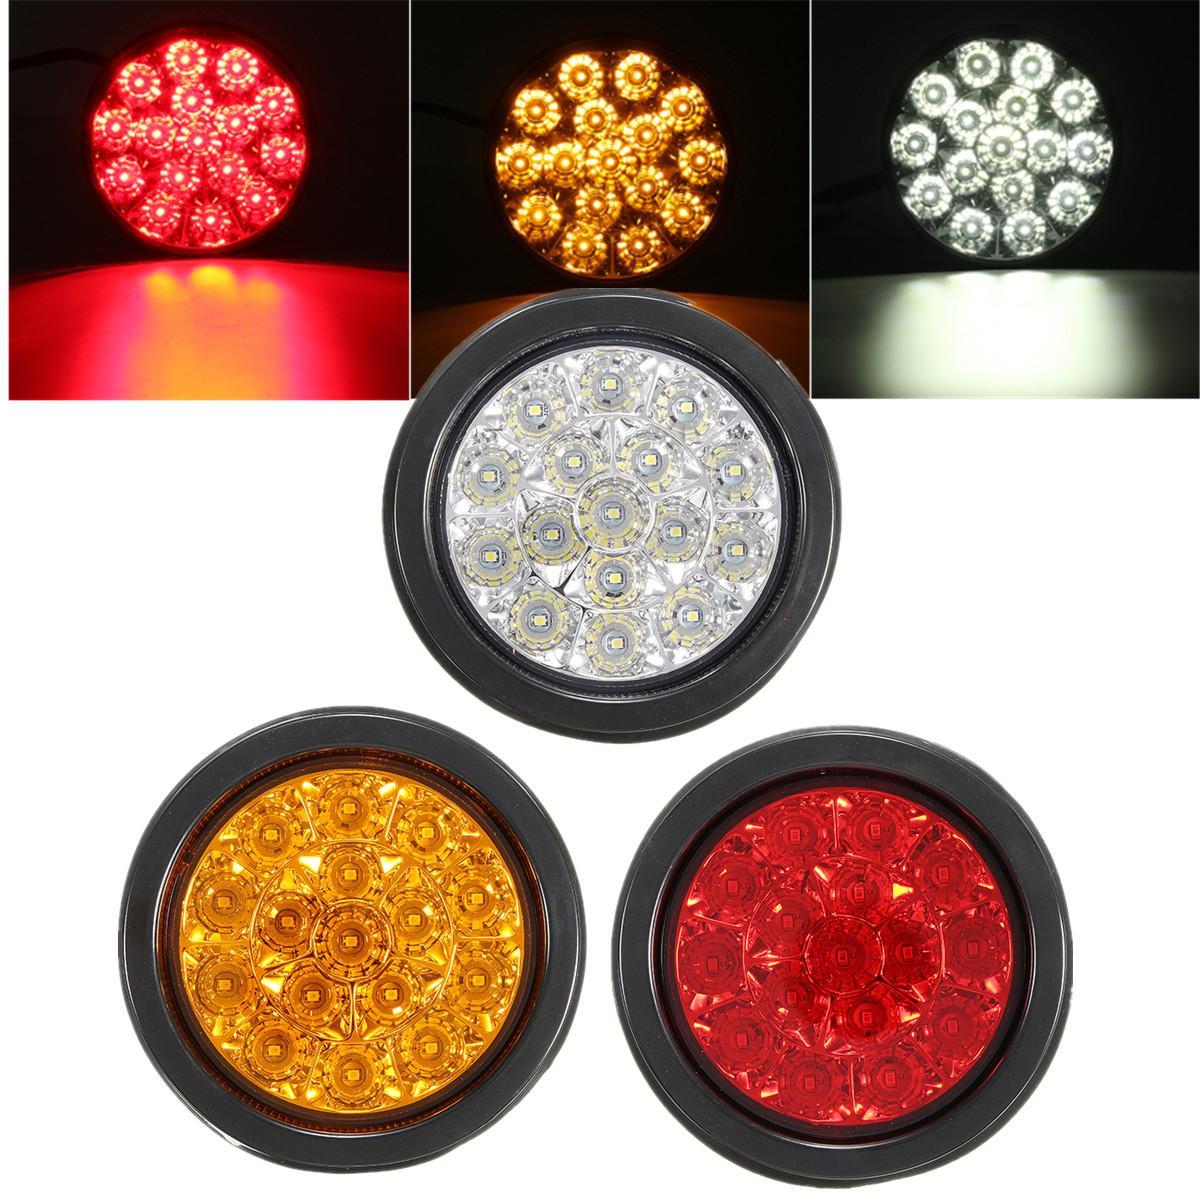 12V waterproof LED Car Truck Round Reflector Rear Tail Light Signal Warning Lights Rear Brake Stop Light